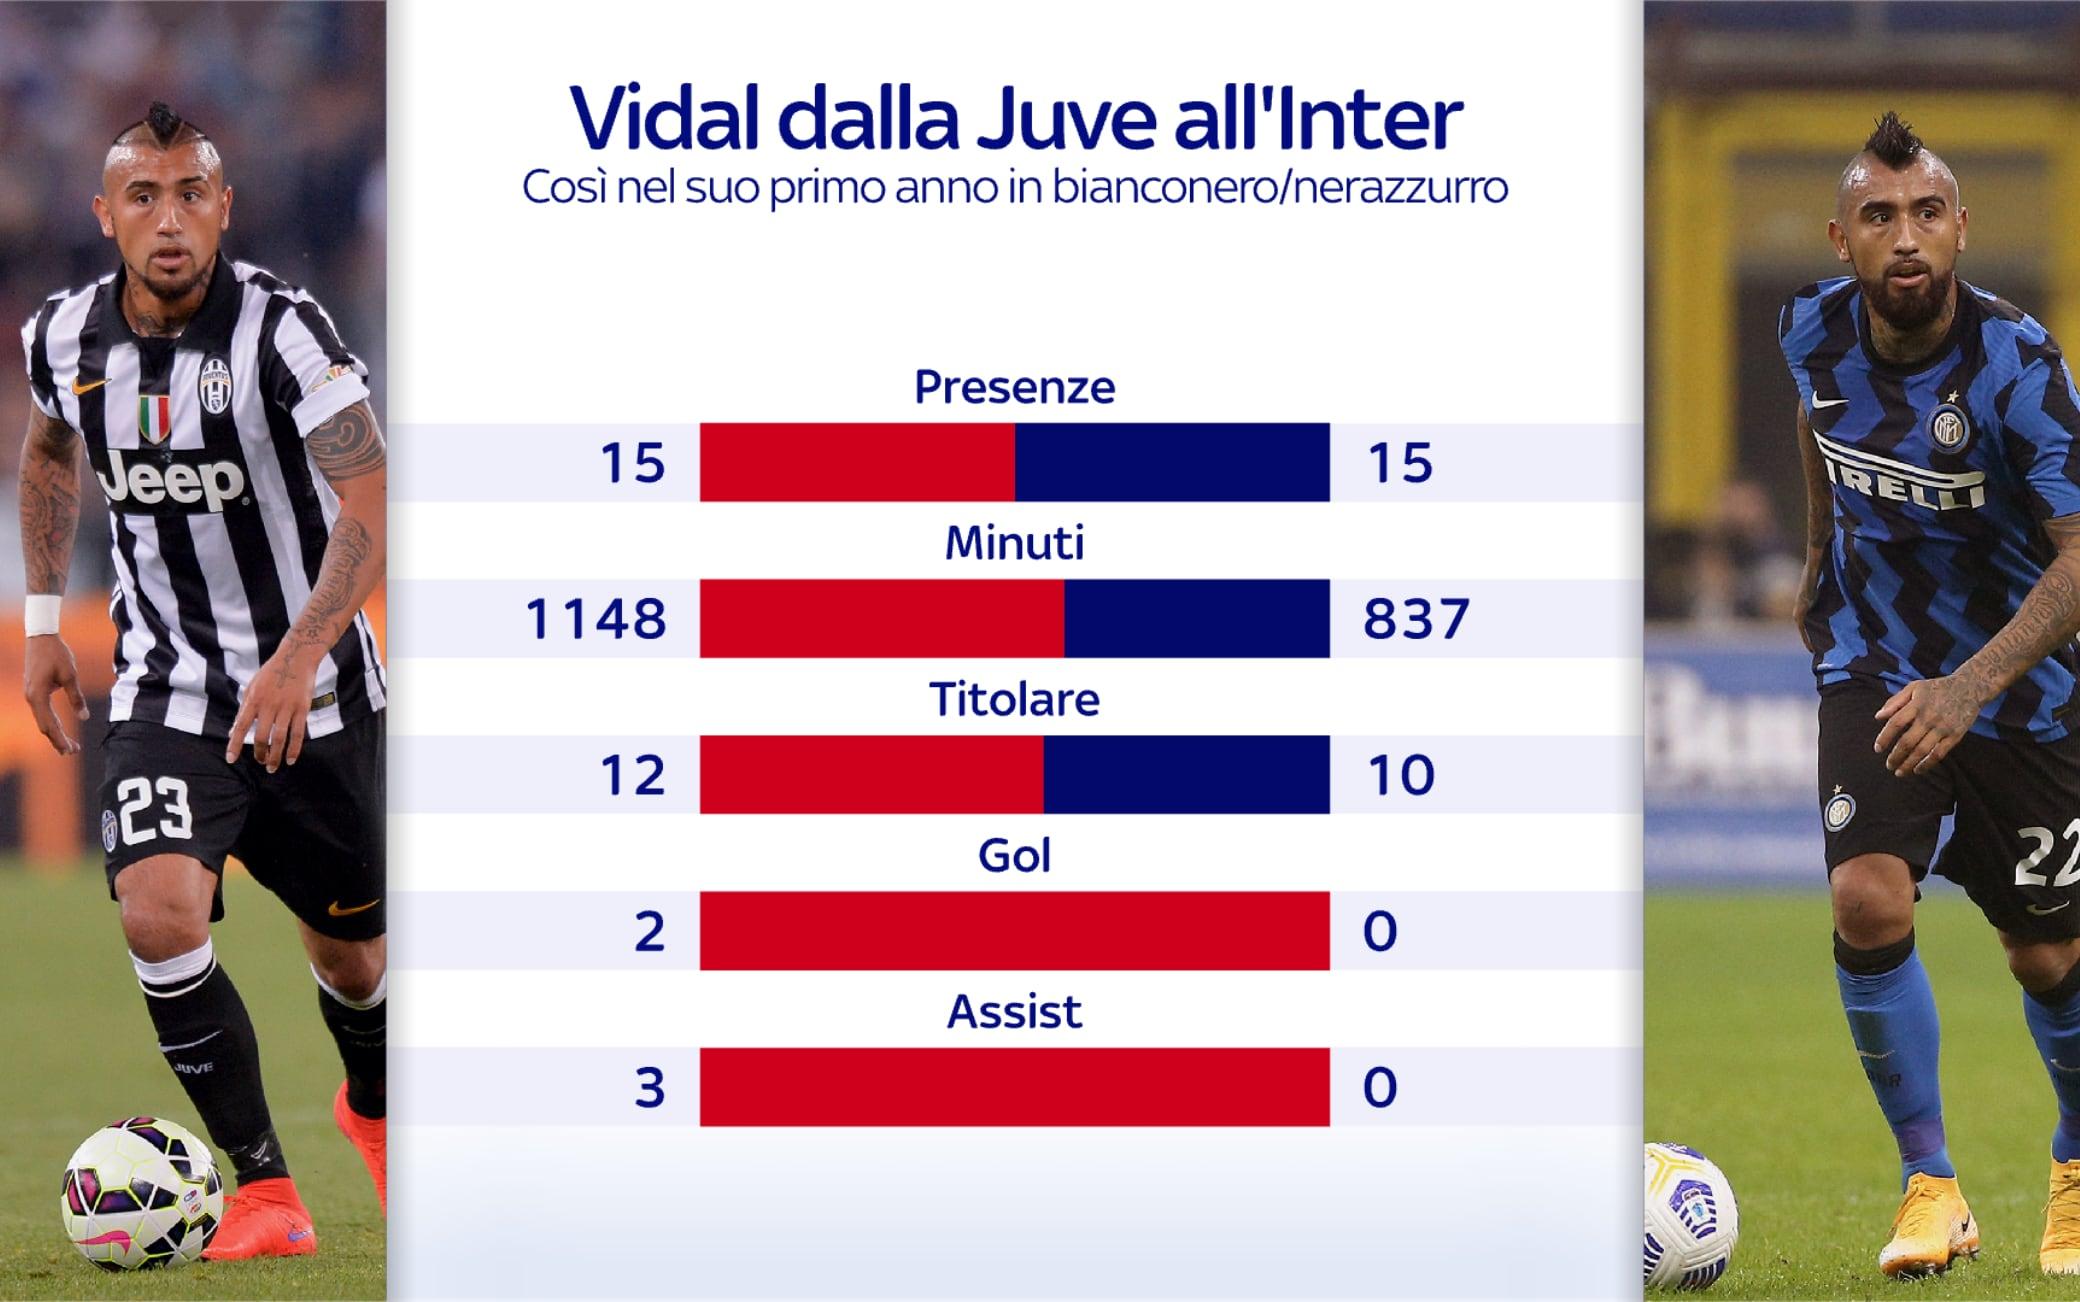 Vidal dalla Juve all'Inter